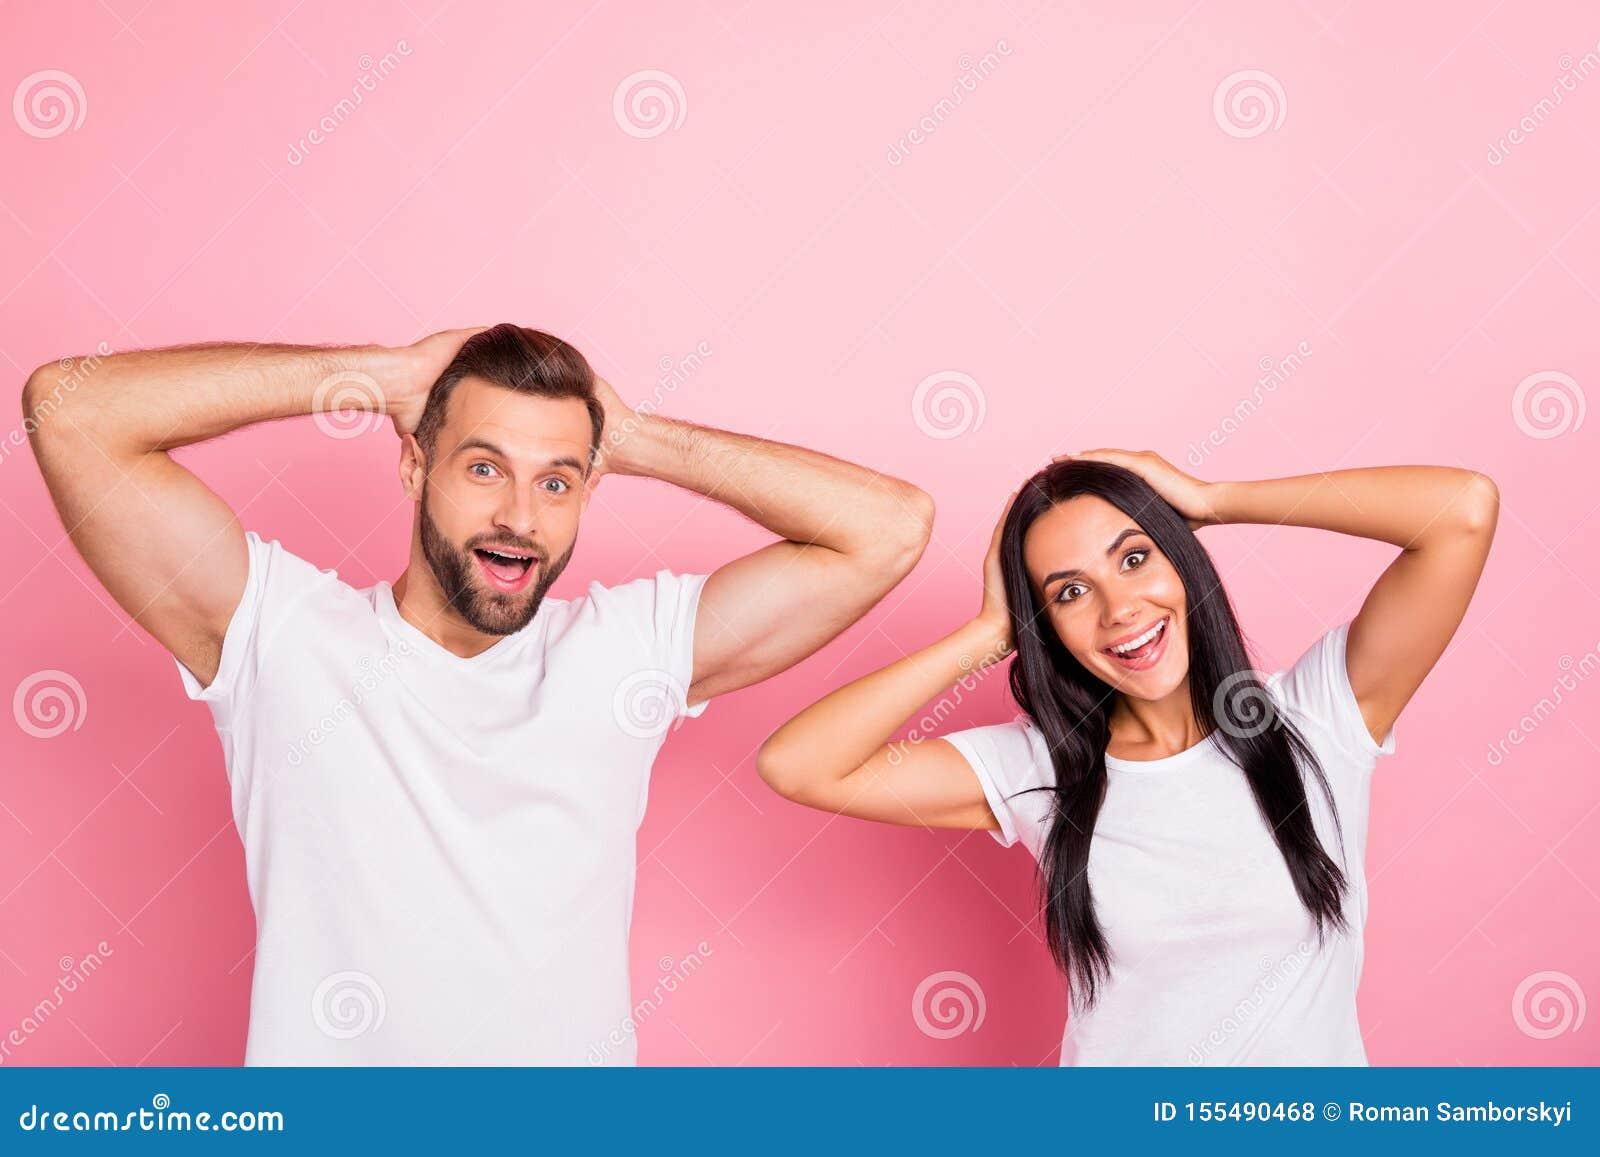 Portrait à lui il elle elle belle personne deux drôle gaie gaie mignonne avec du charme attirante jolie ayant l amusement bon